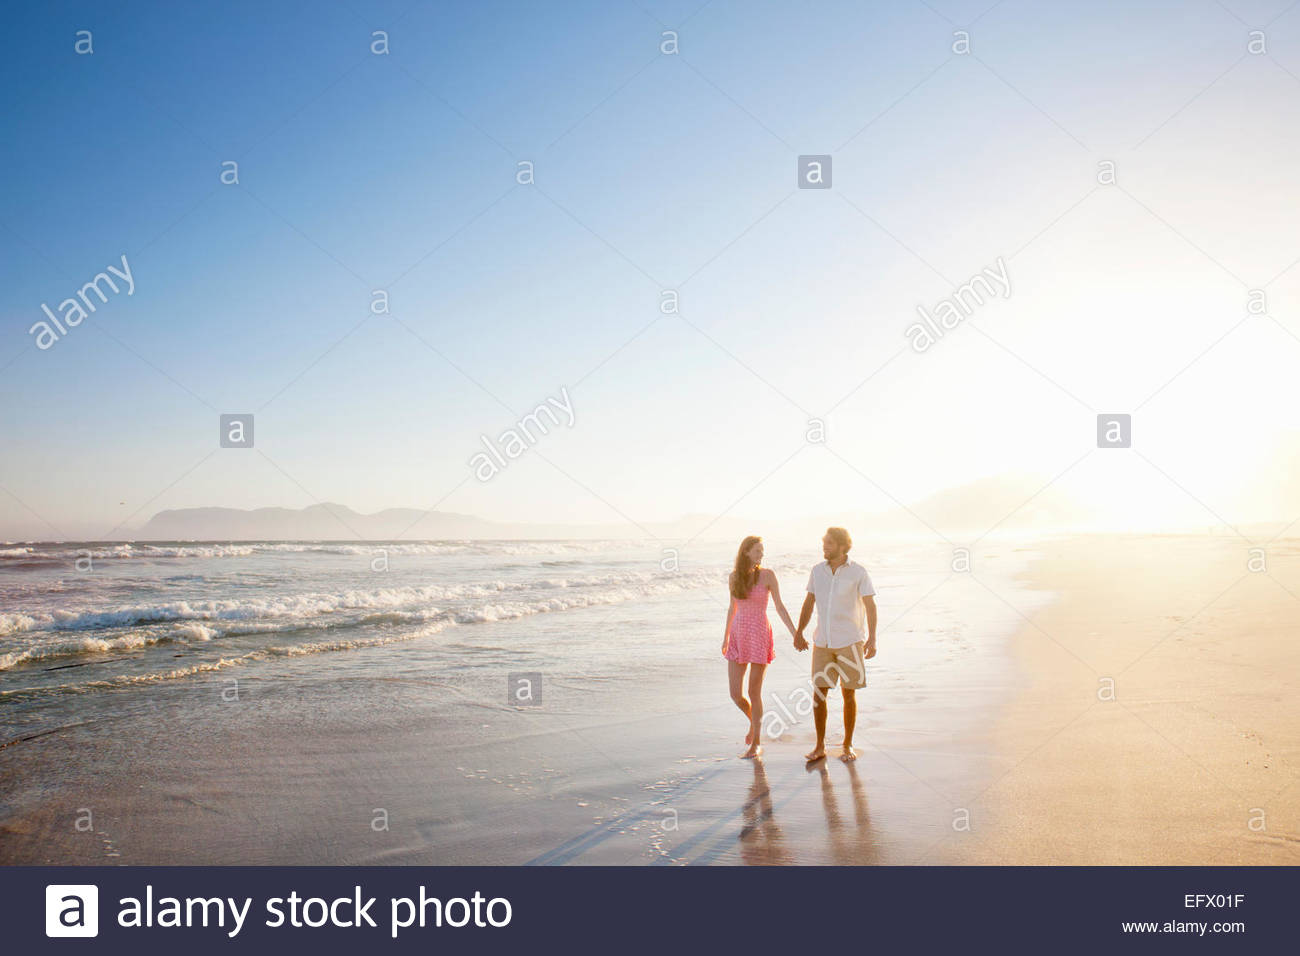 Paar, Hand in Hand, sonnigen Strand entlang spazieren Stockfoto